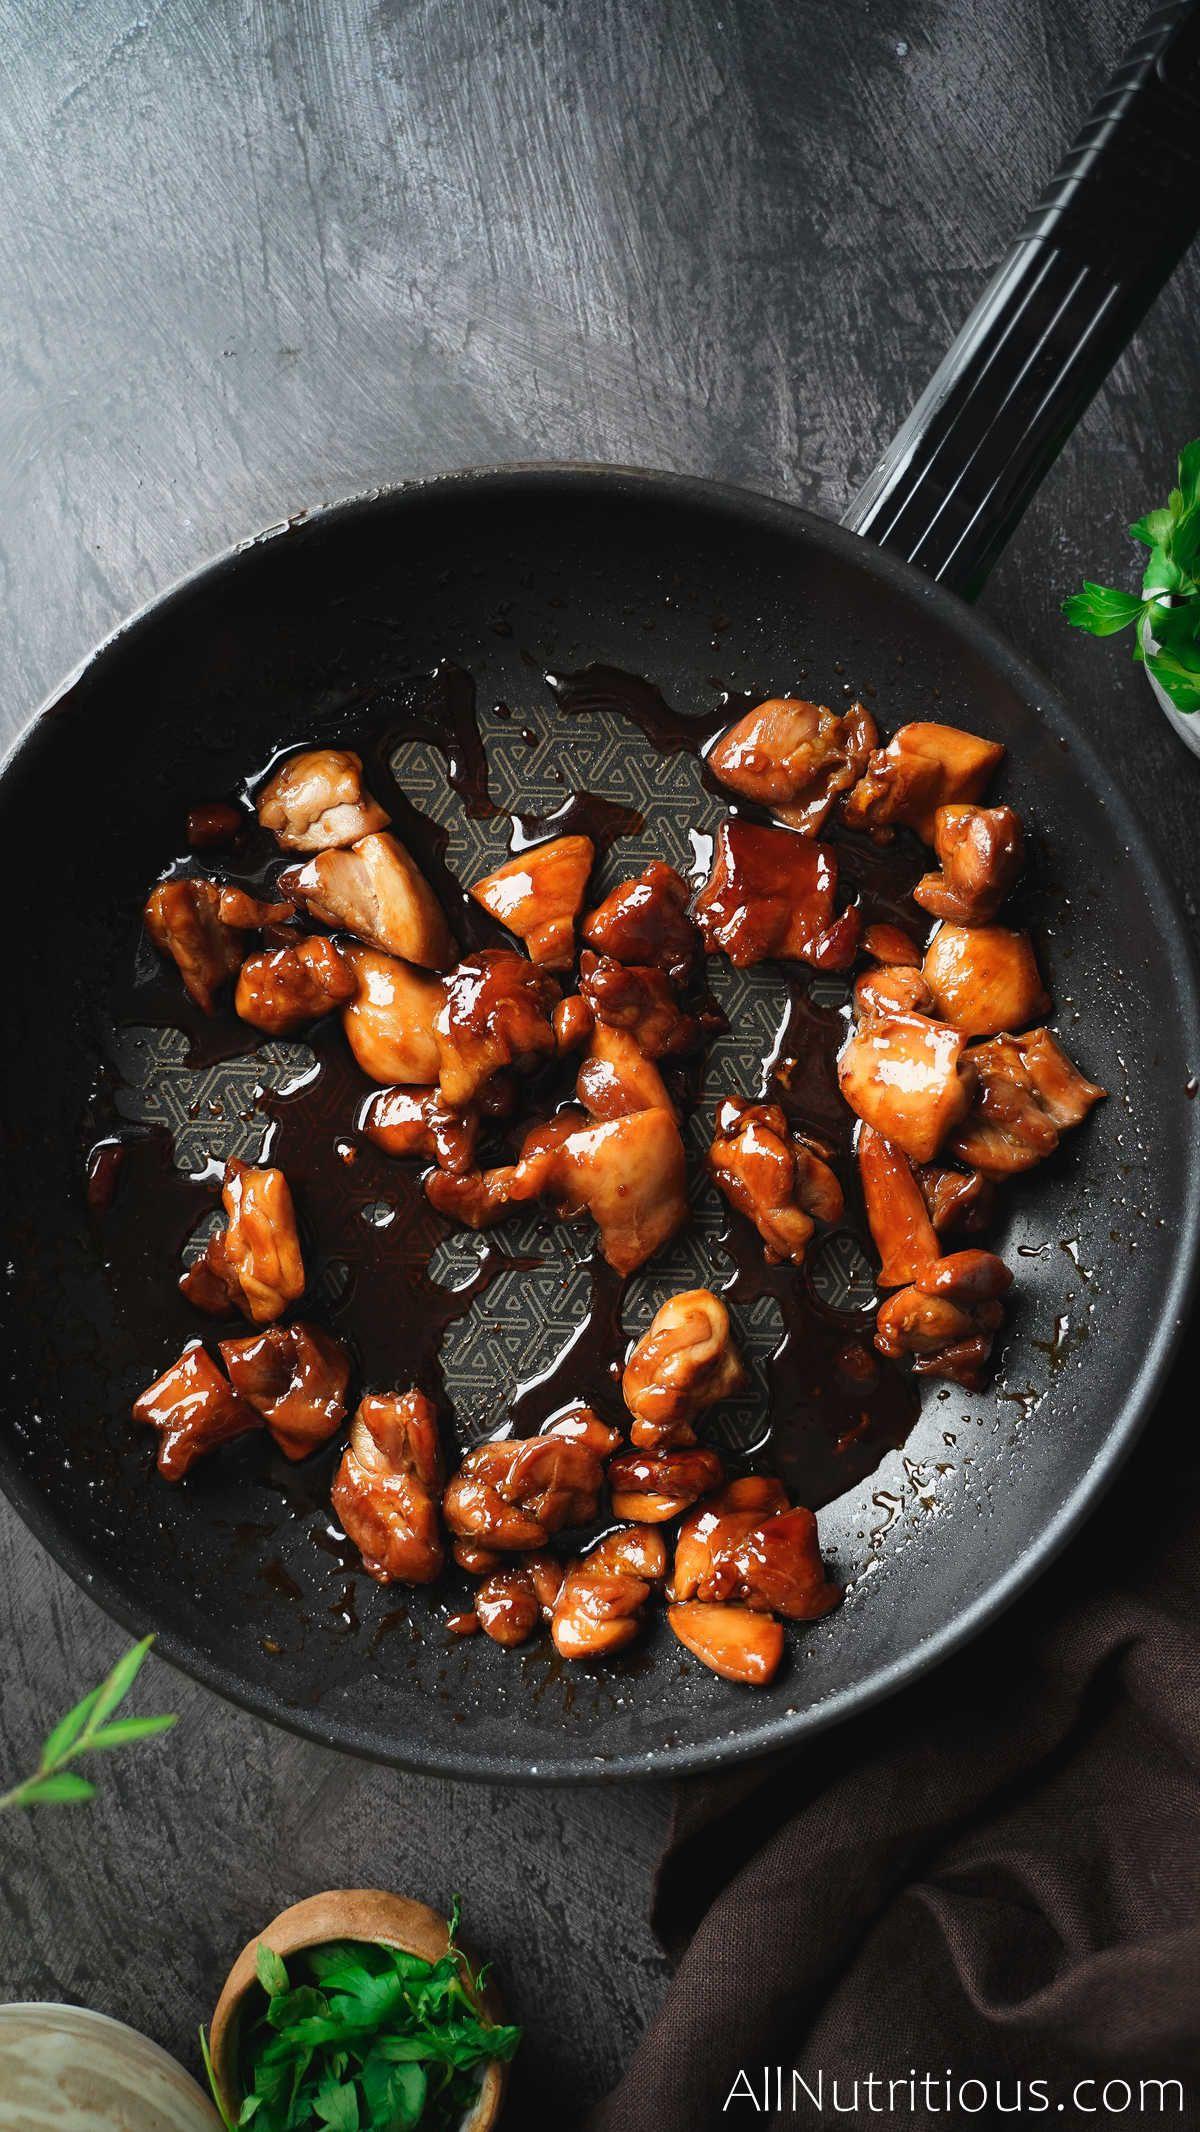 cooked teriyaki chicken